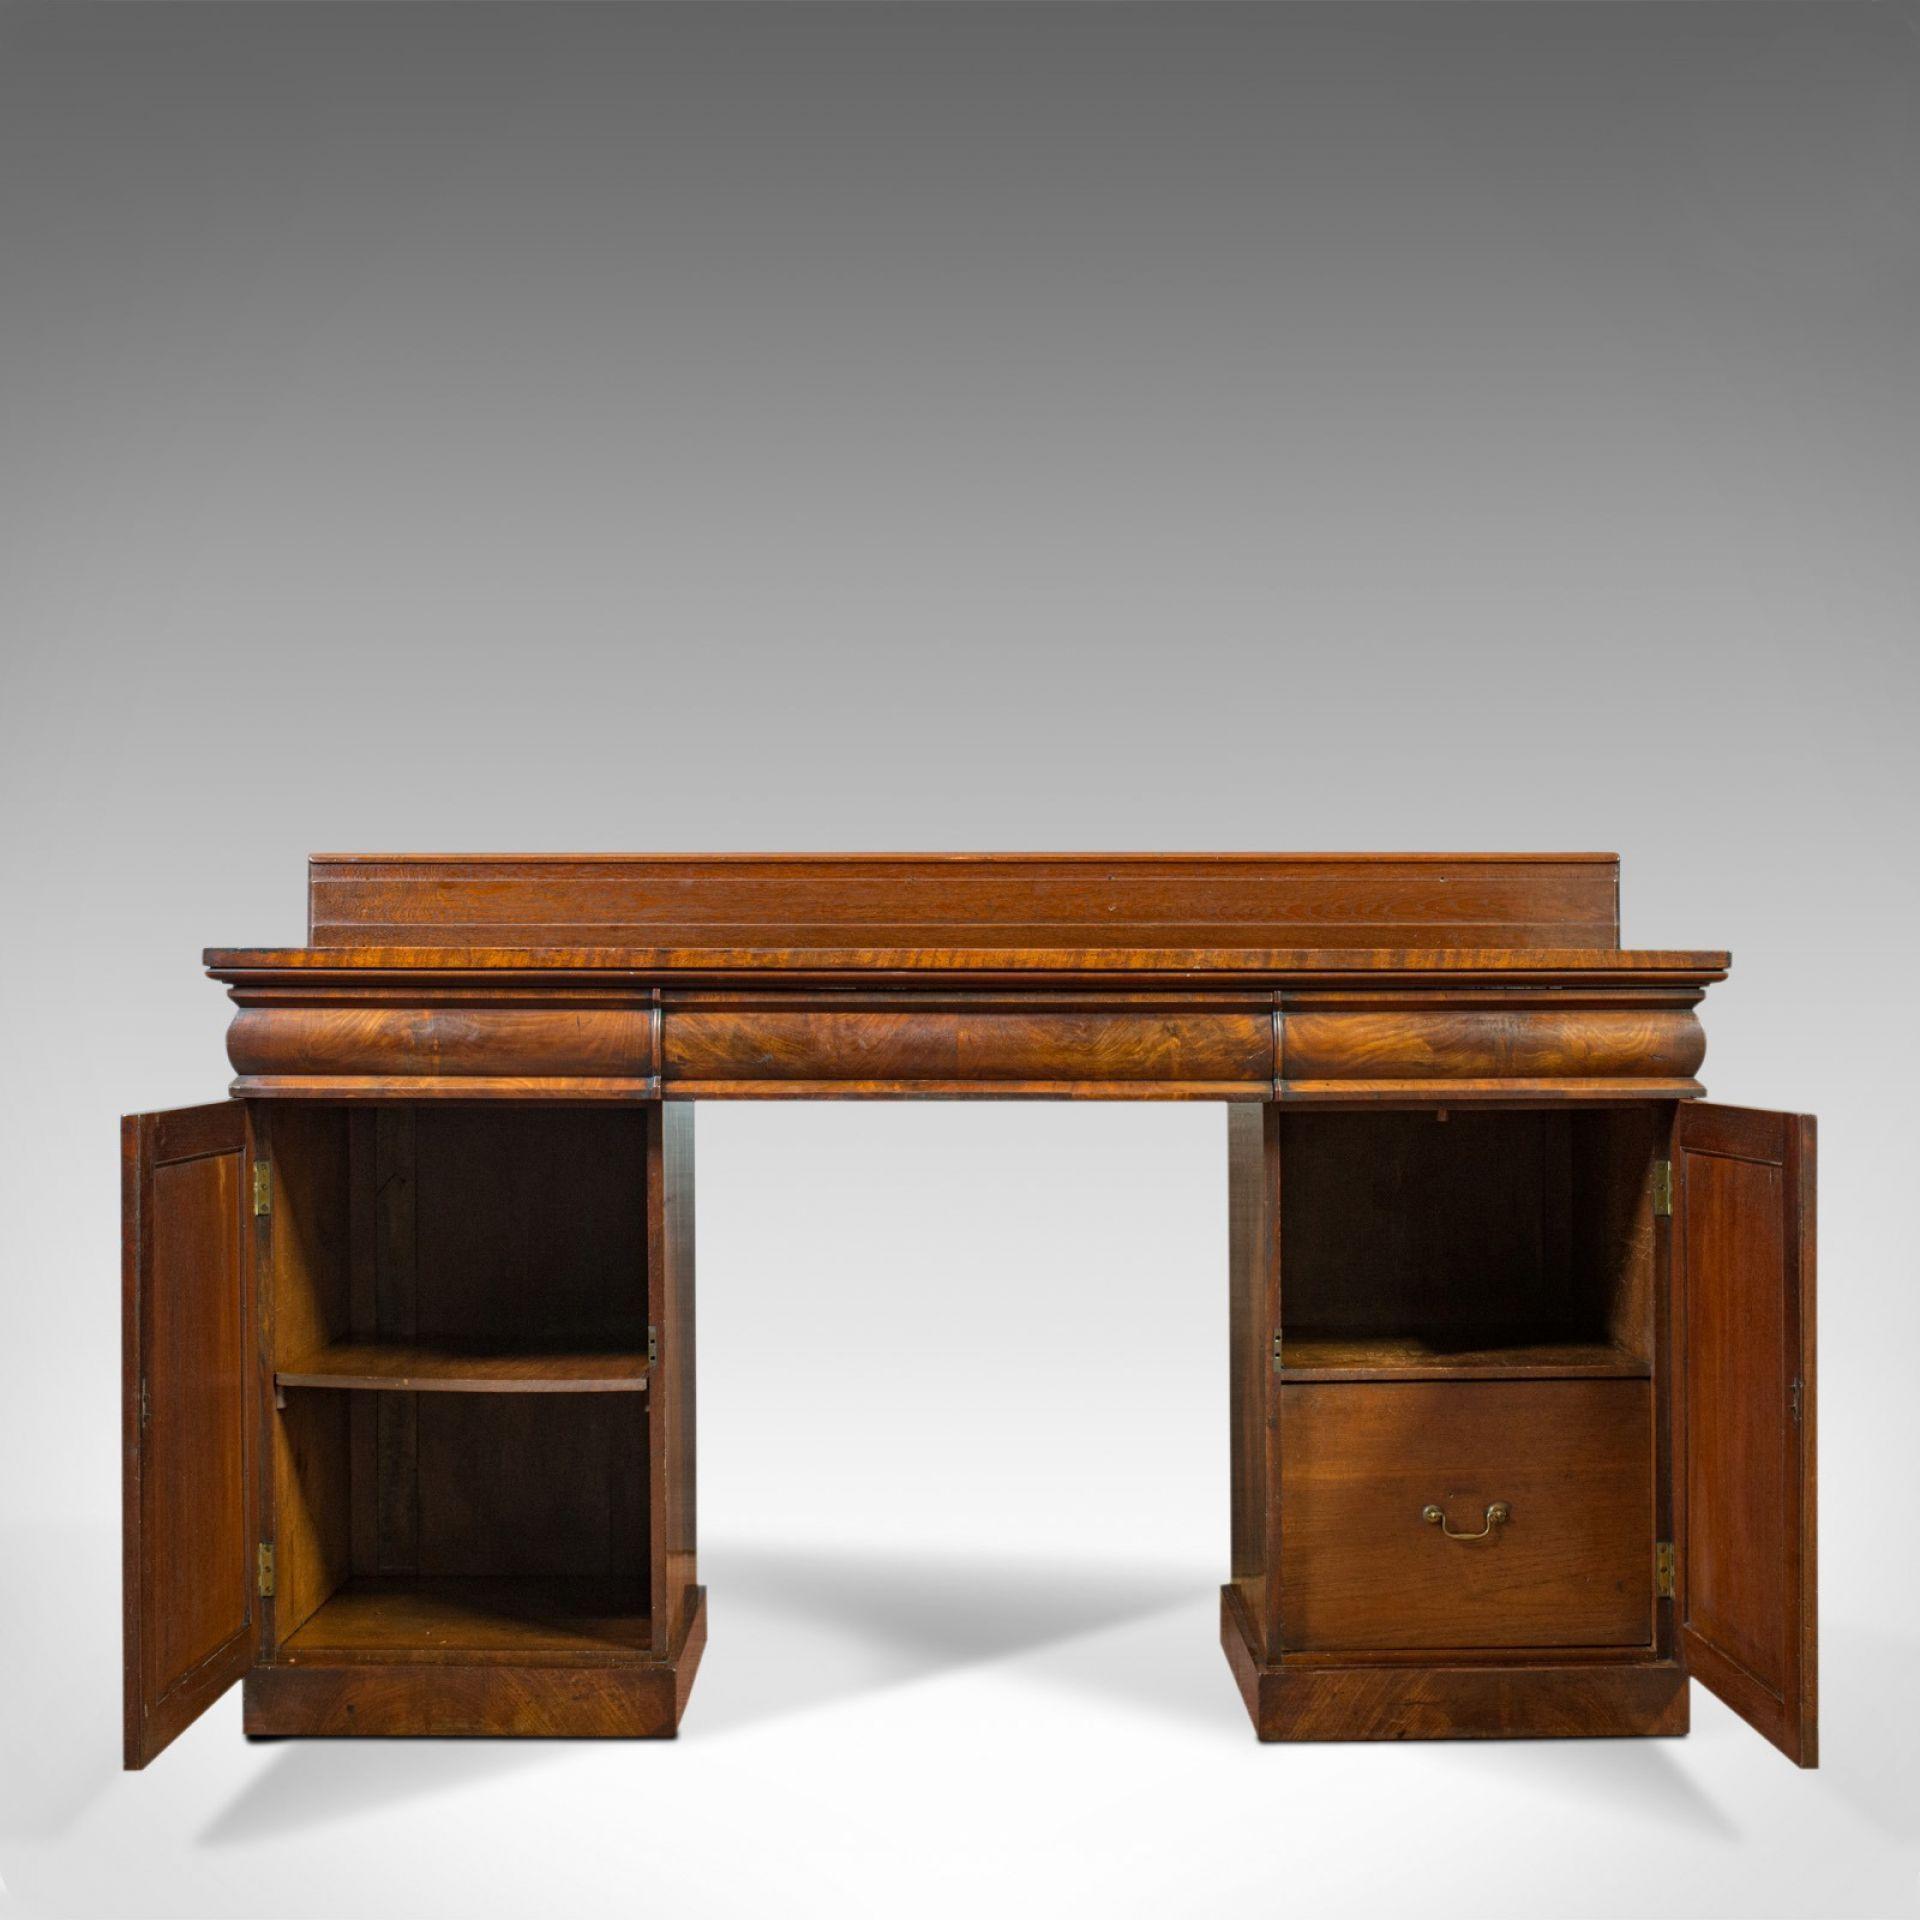 Antique Pedestal Sideboard, English, Mahogany, Flame, Dresser, Regency, C.1810